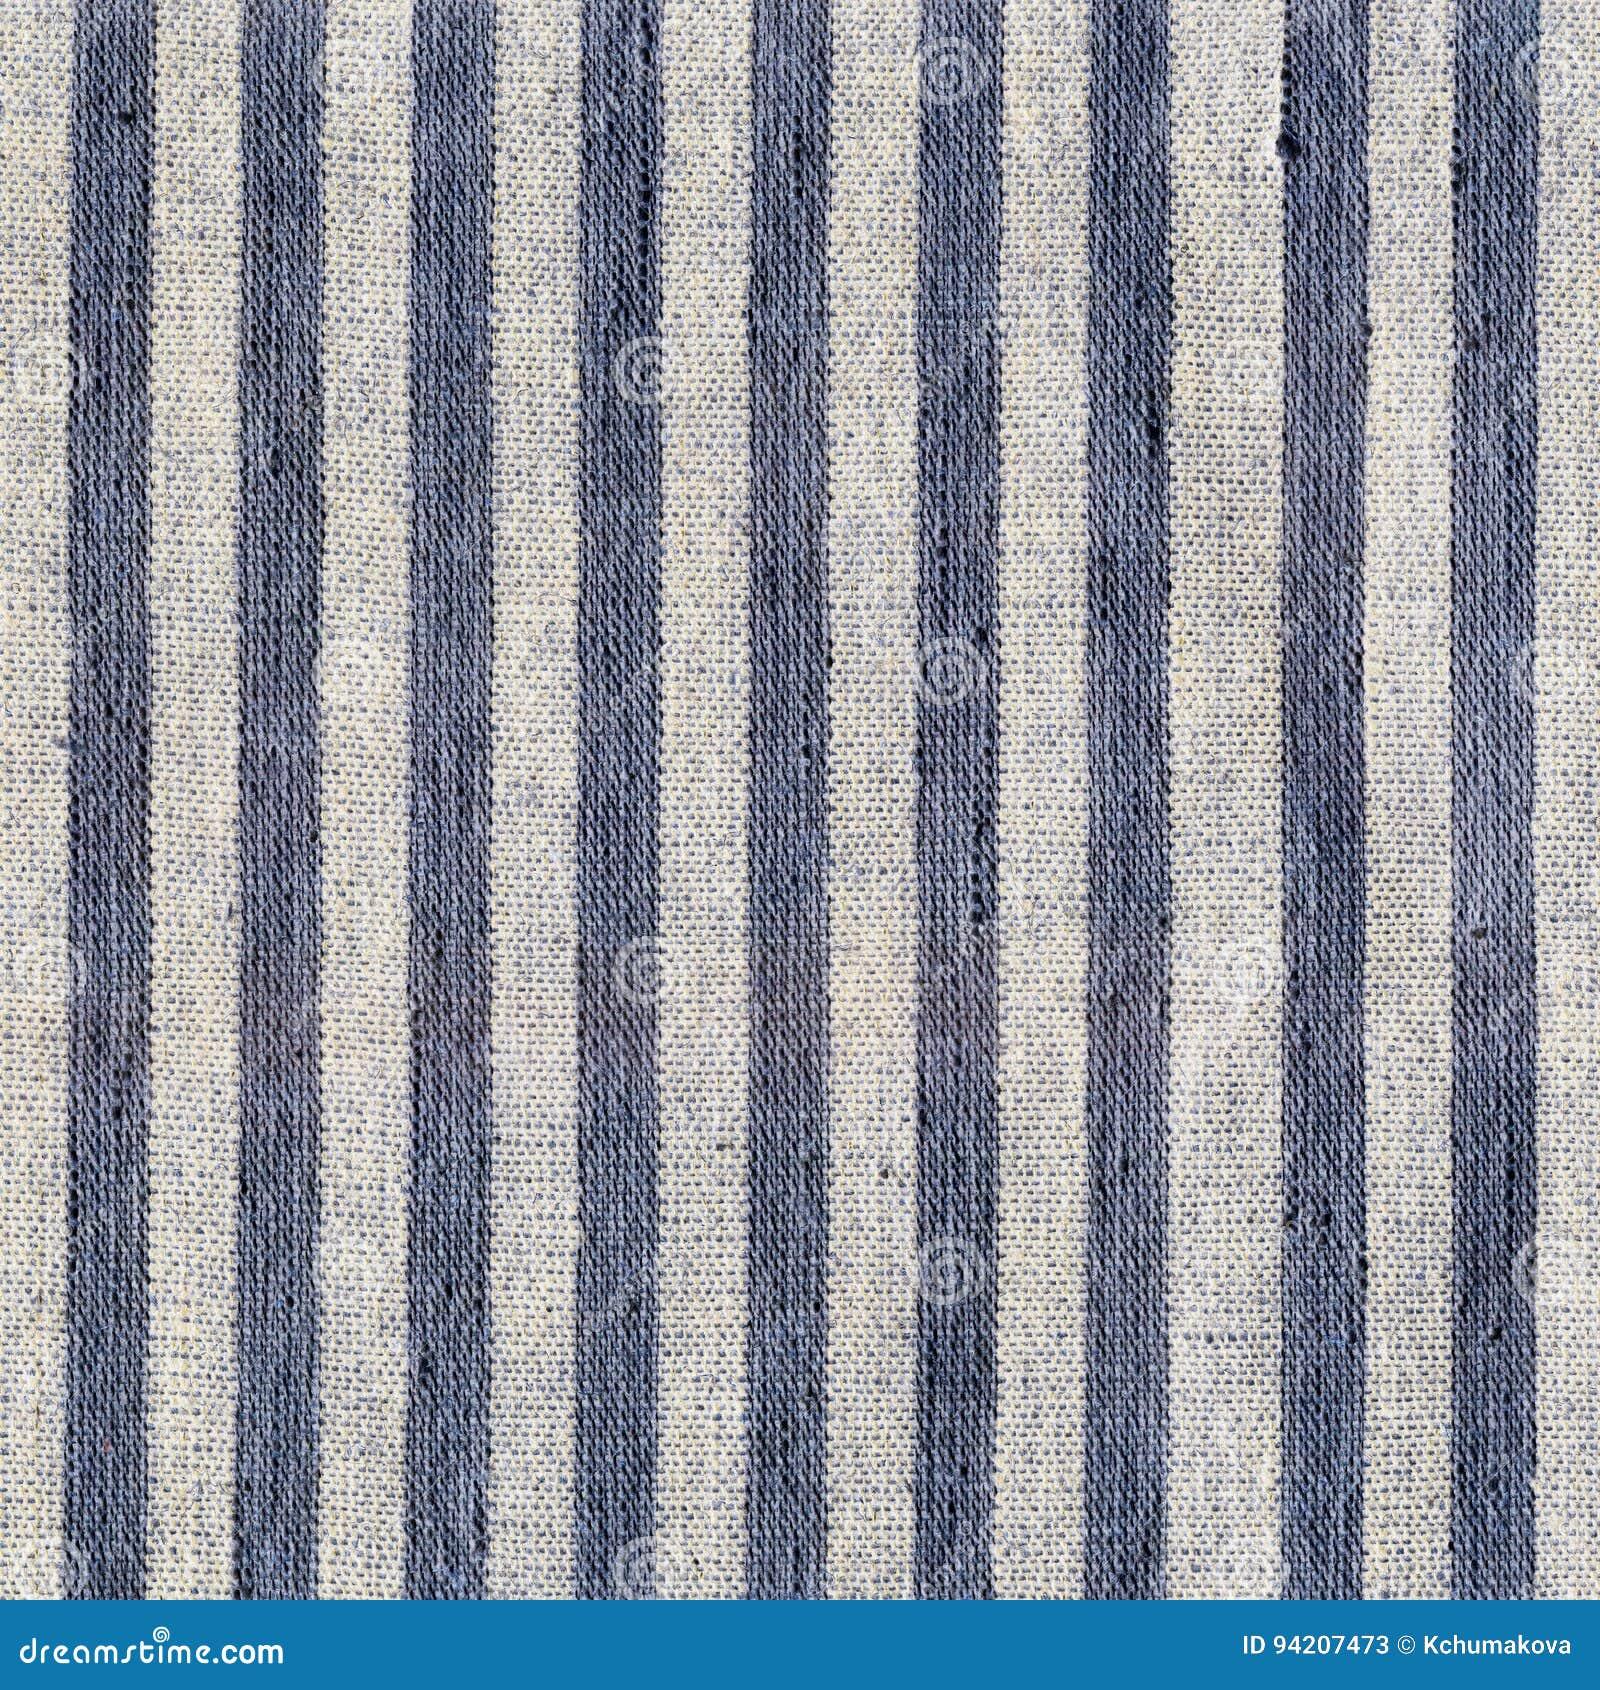 Blue, beige, gray stripe pattern on linen fabric